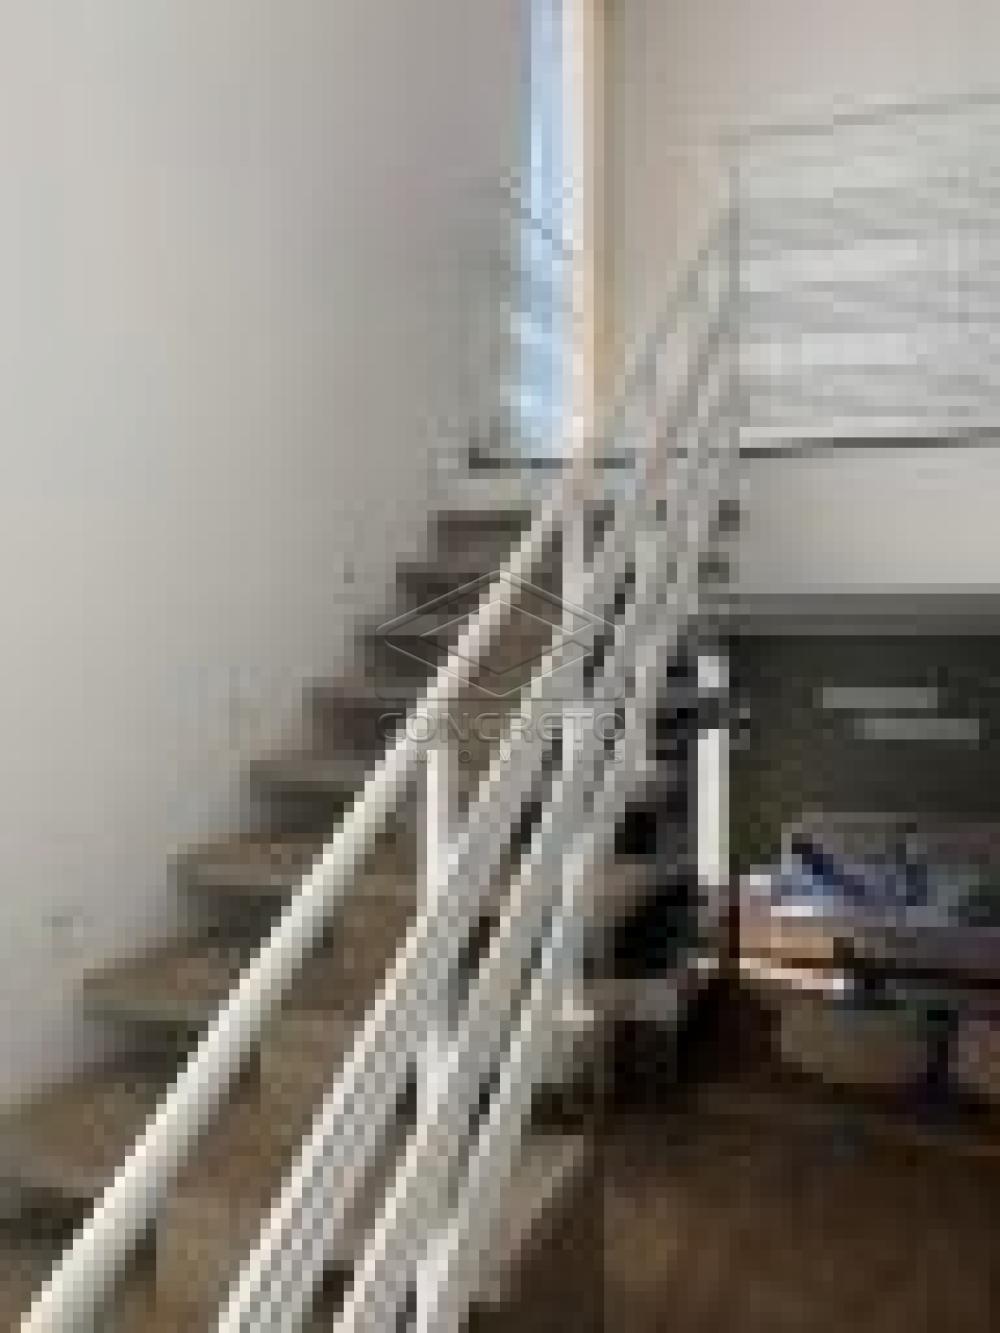 Comprar Casa / Padrão em Sao Manuel apenas R$ 650.000,00 - Foto 84